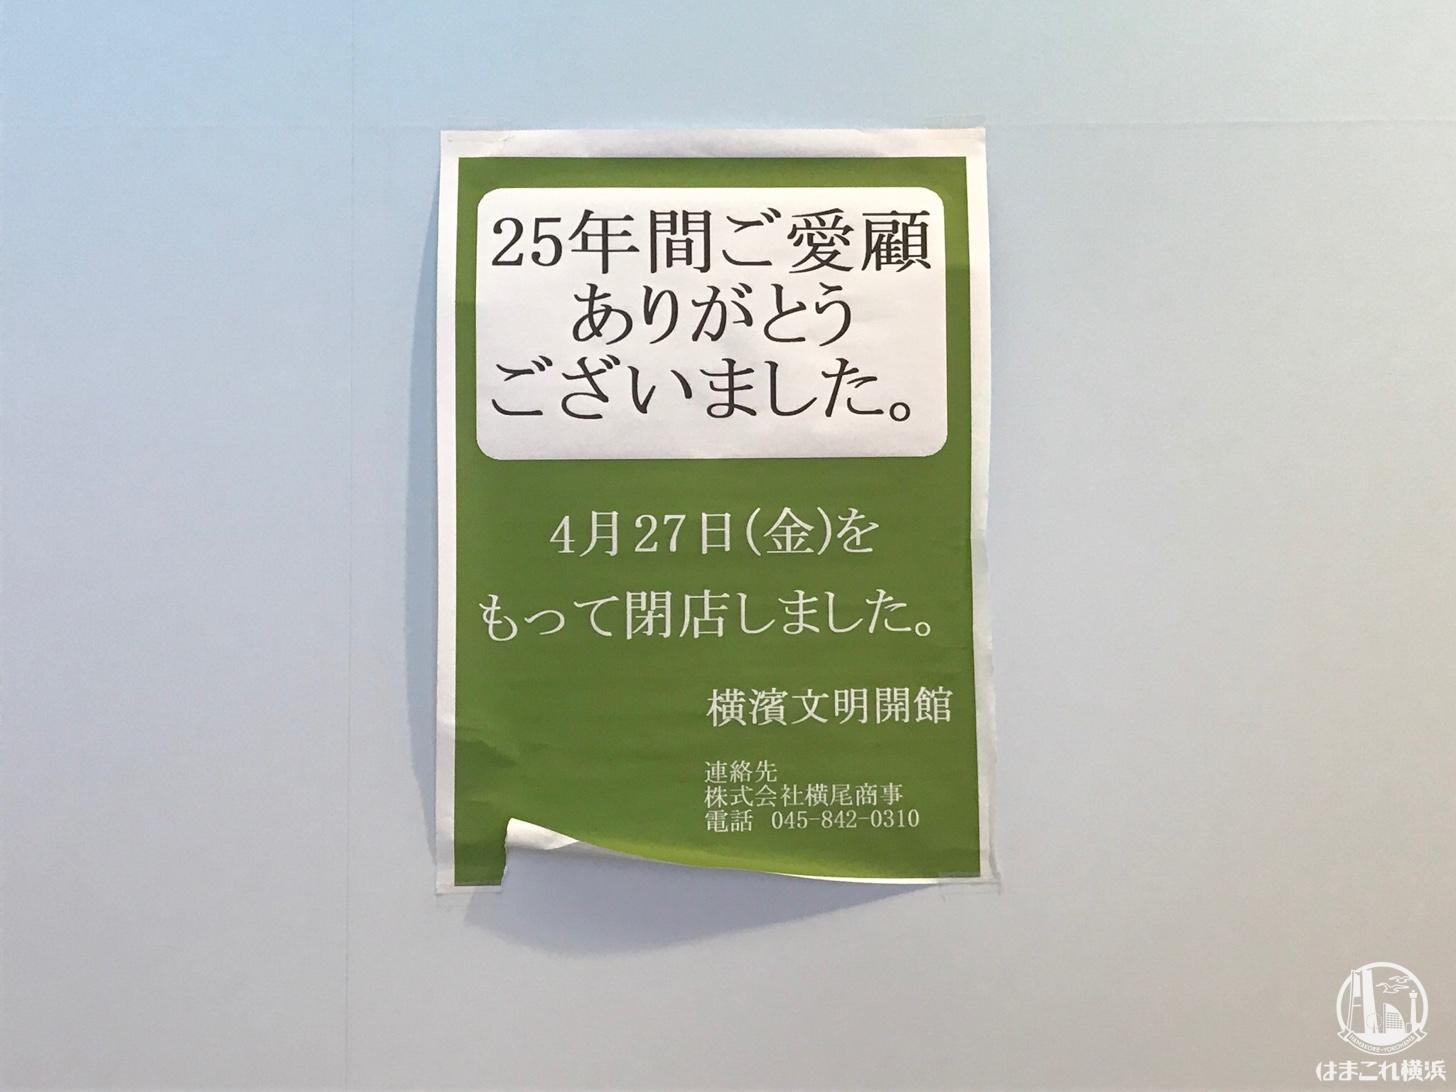 ランドマークプラザ「横濱文明開館」が閉店…